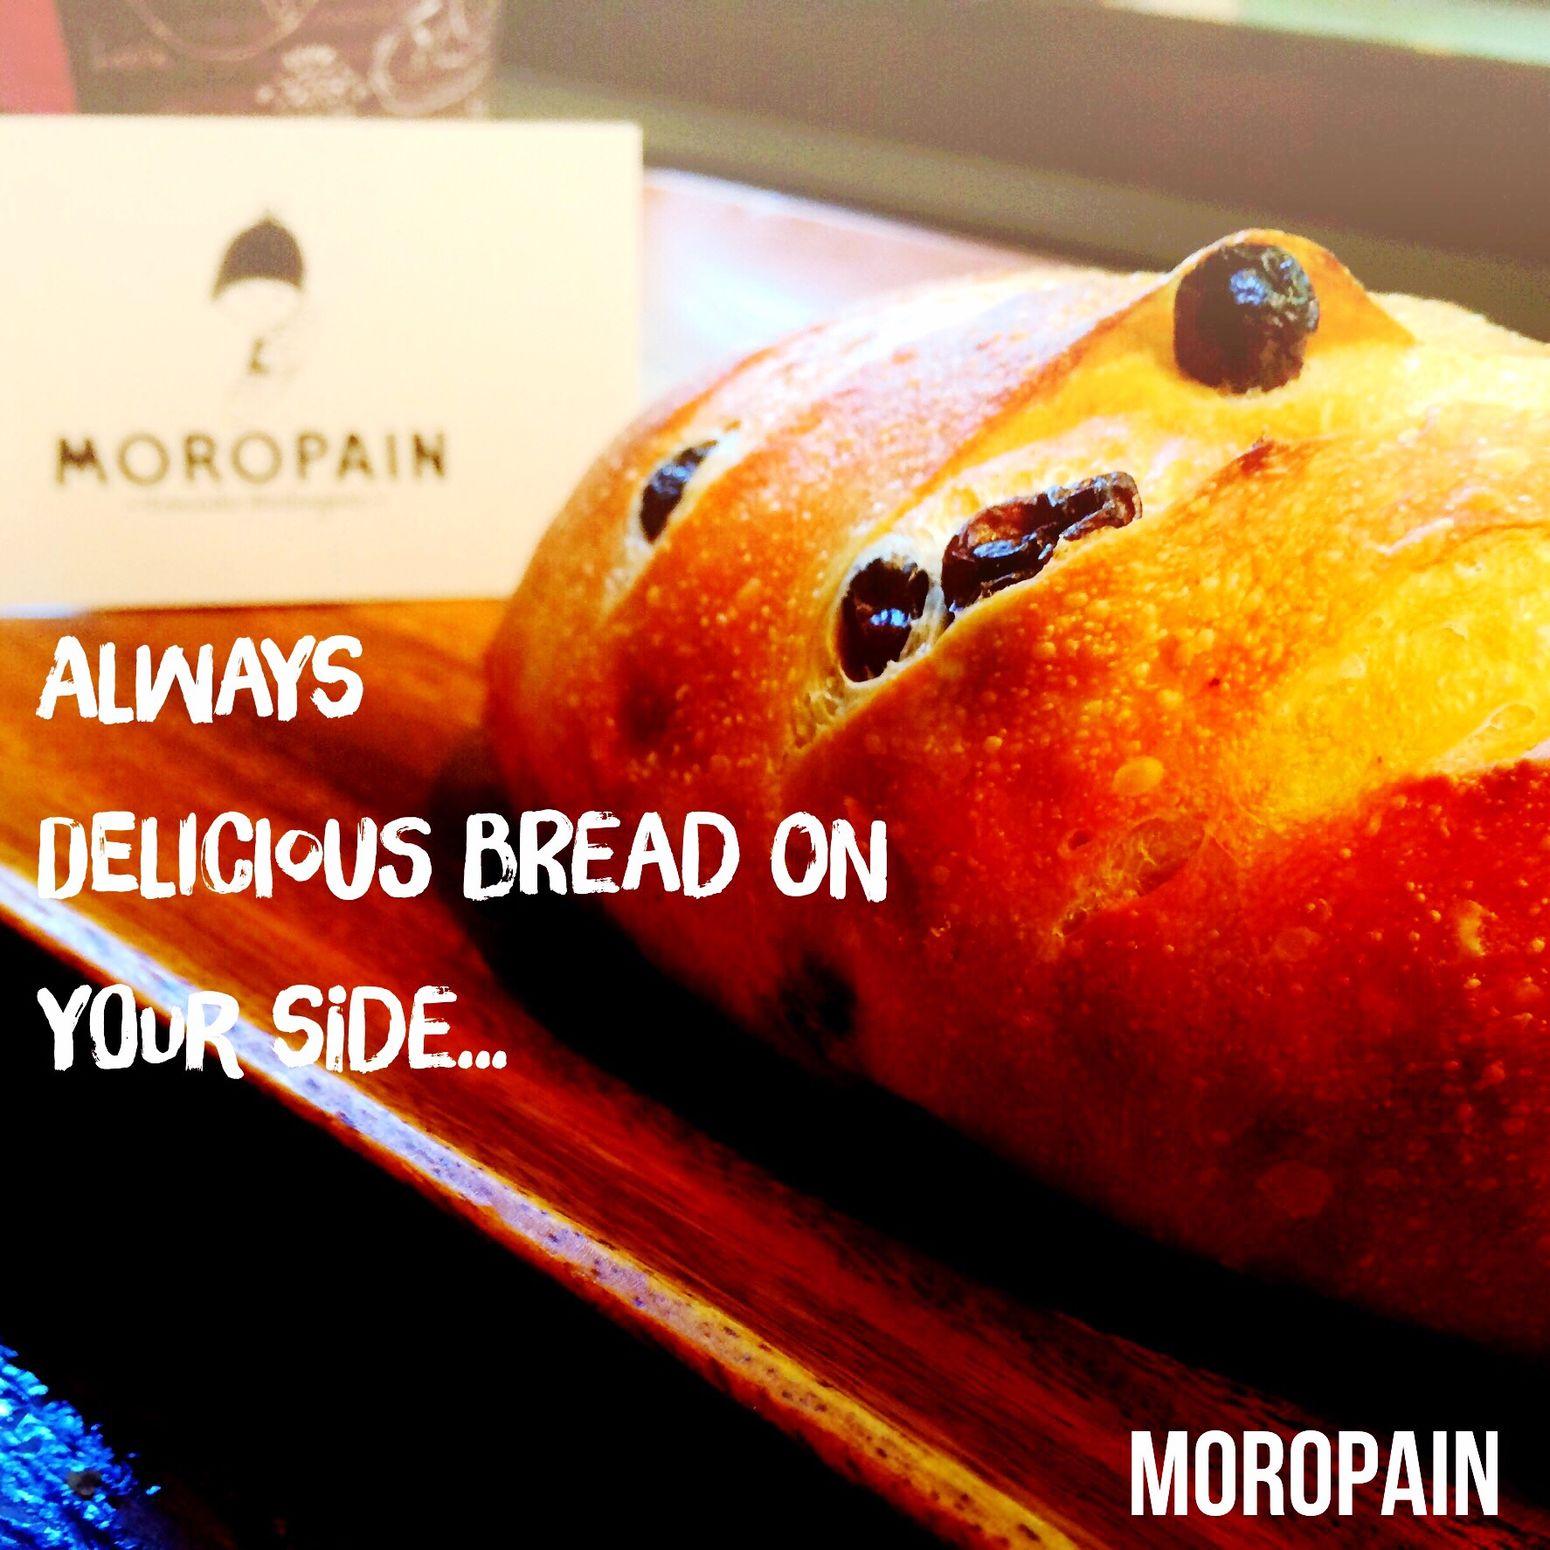 福岡のパン屋さんで撮影した画像を広告風にアレンジ。 パン屋 ばん Bread